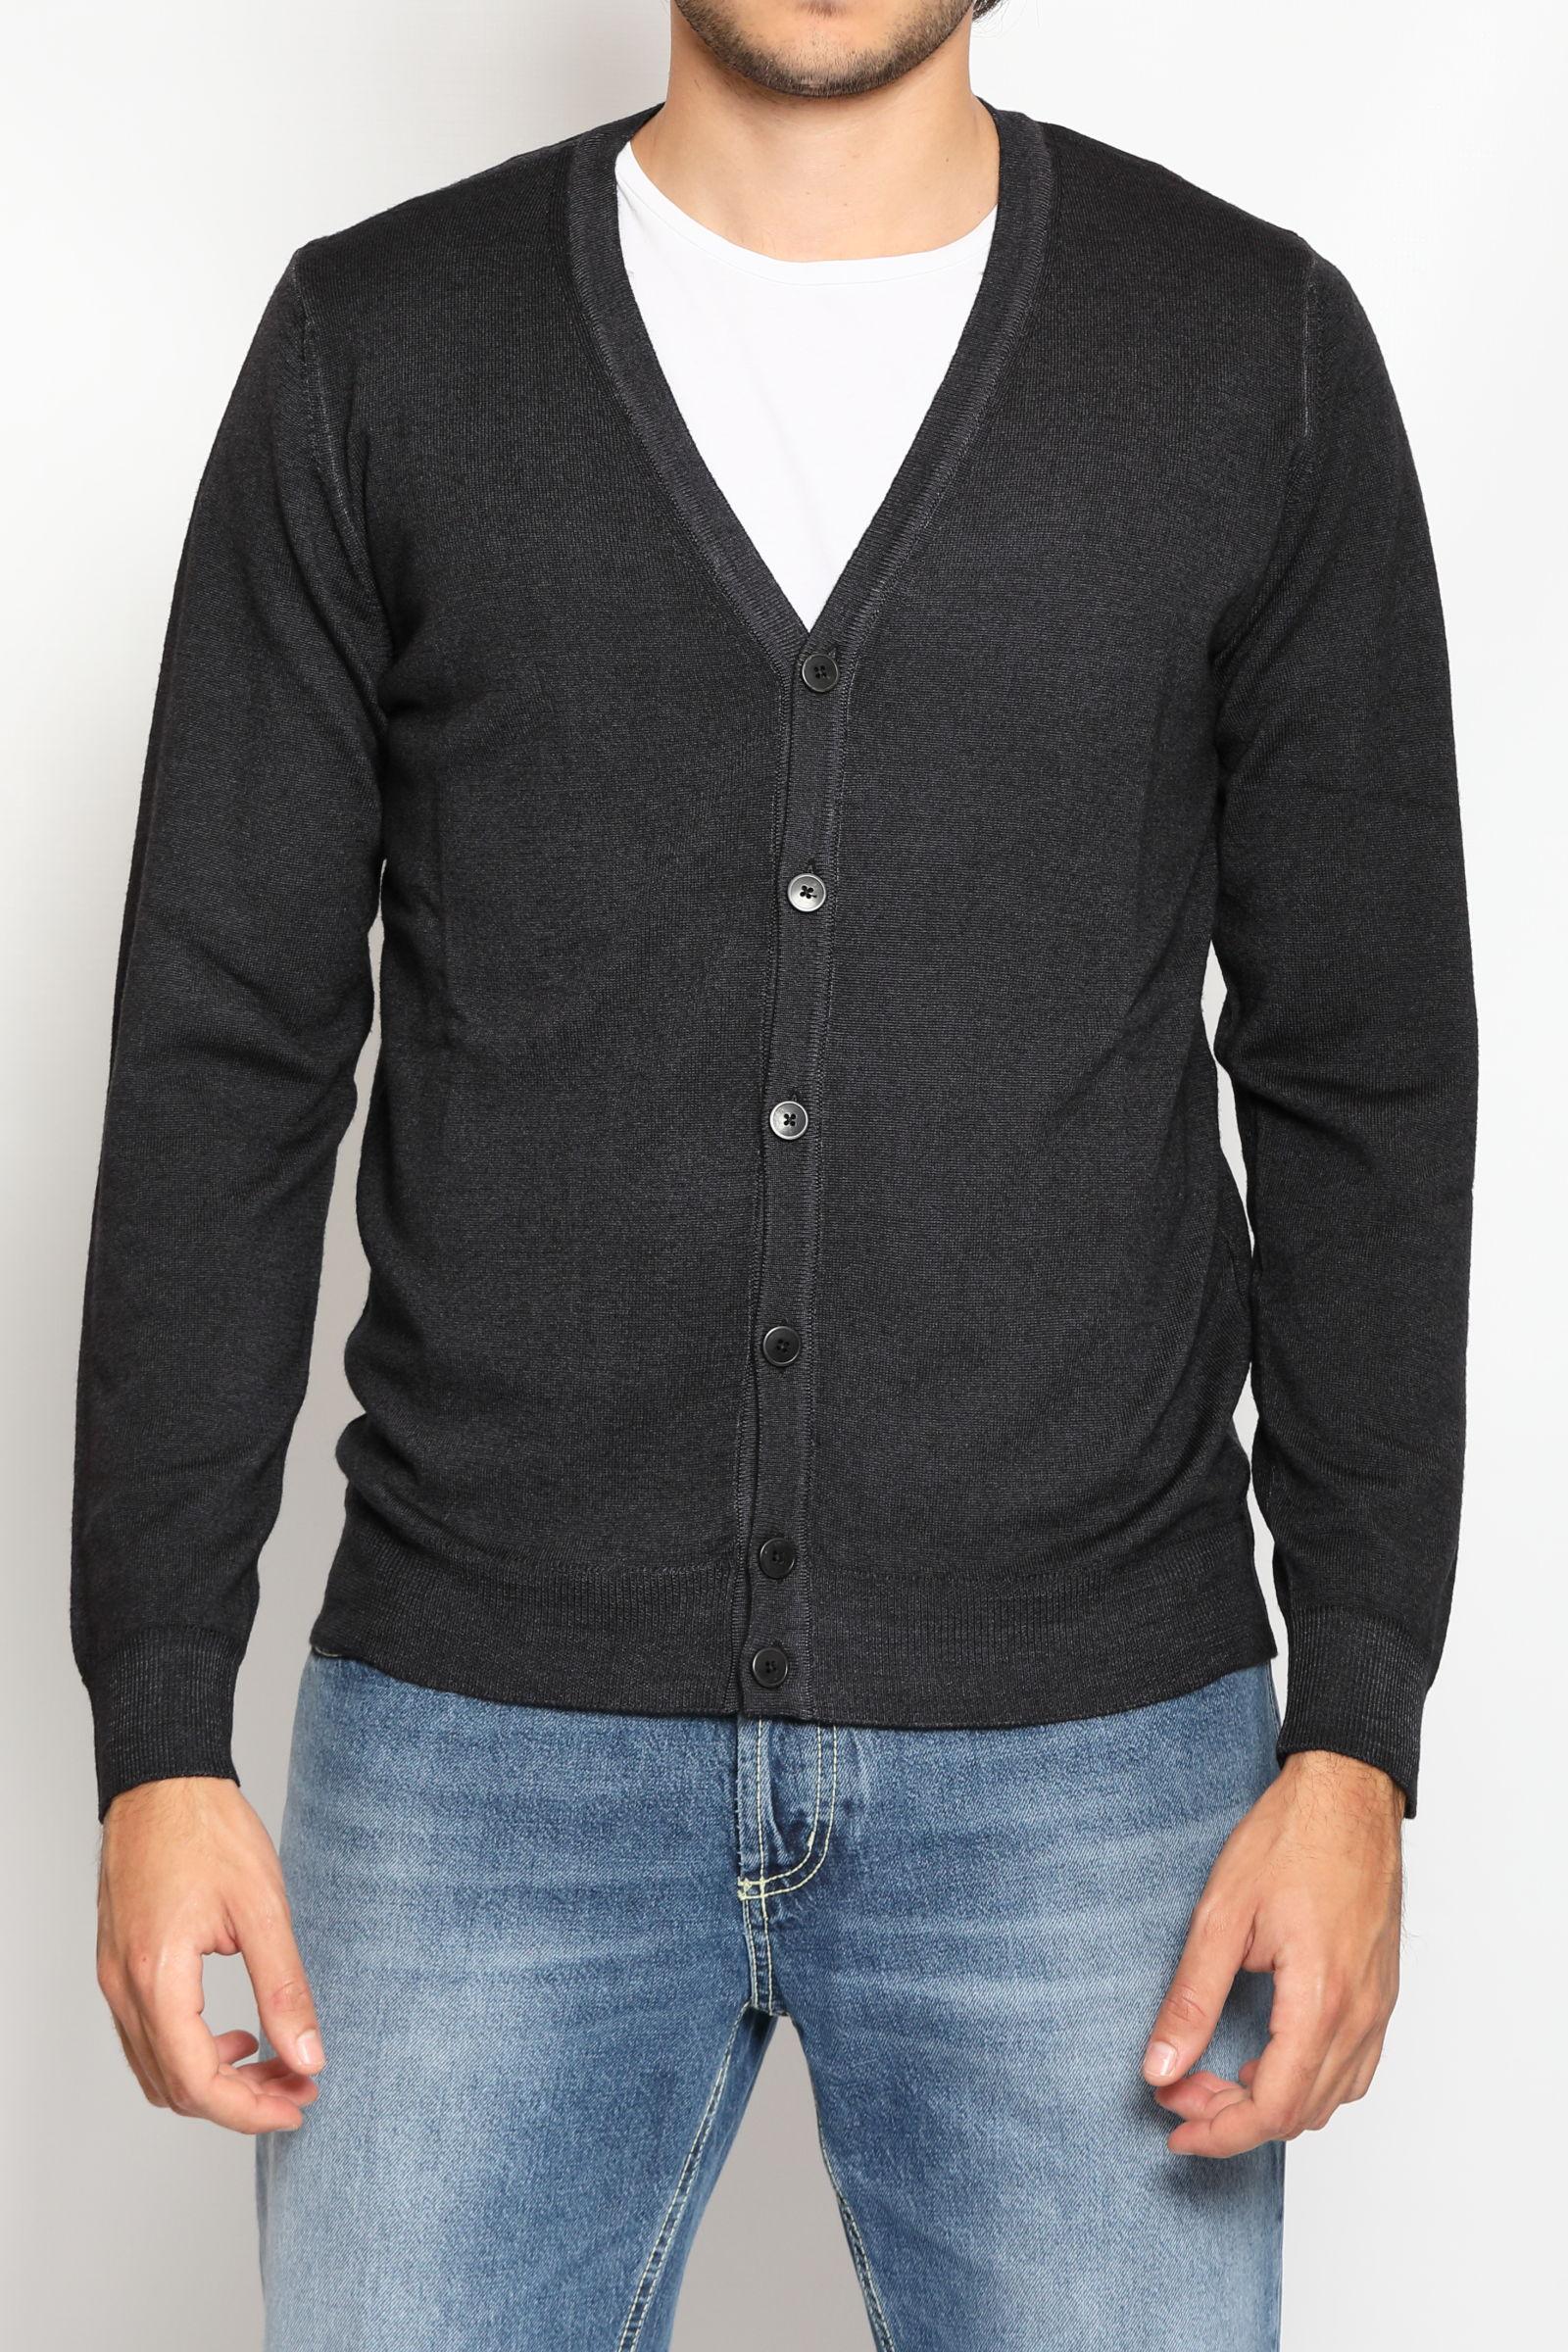 WOOL CARDIGAN JEORDIE'S | Knitwear | 86613991